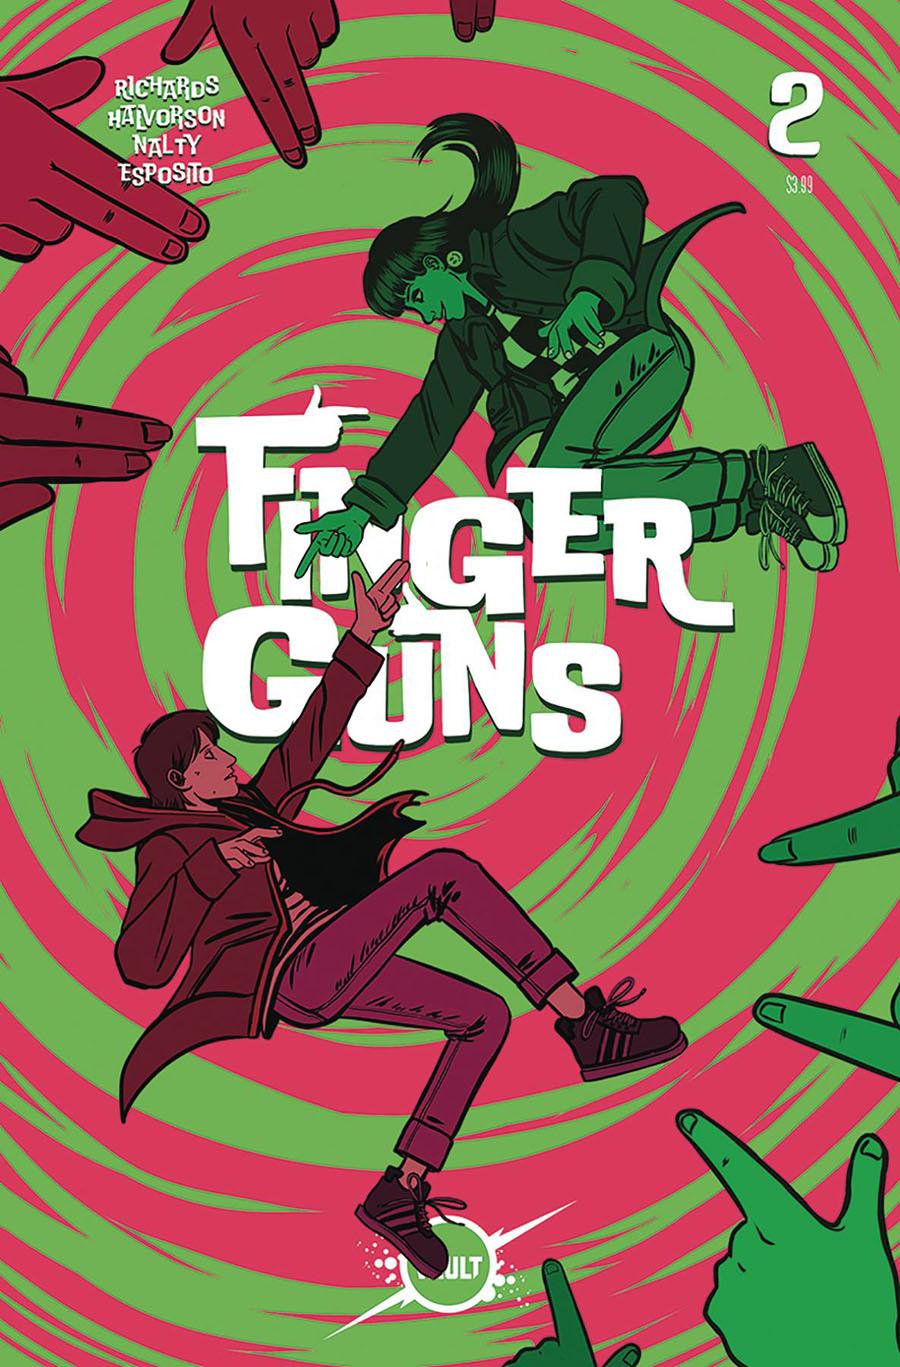 Finger Guns #2 Cover A Regular Val Halvorson Cover